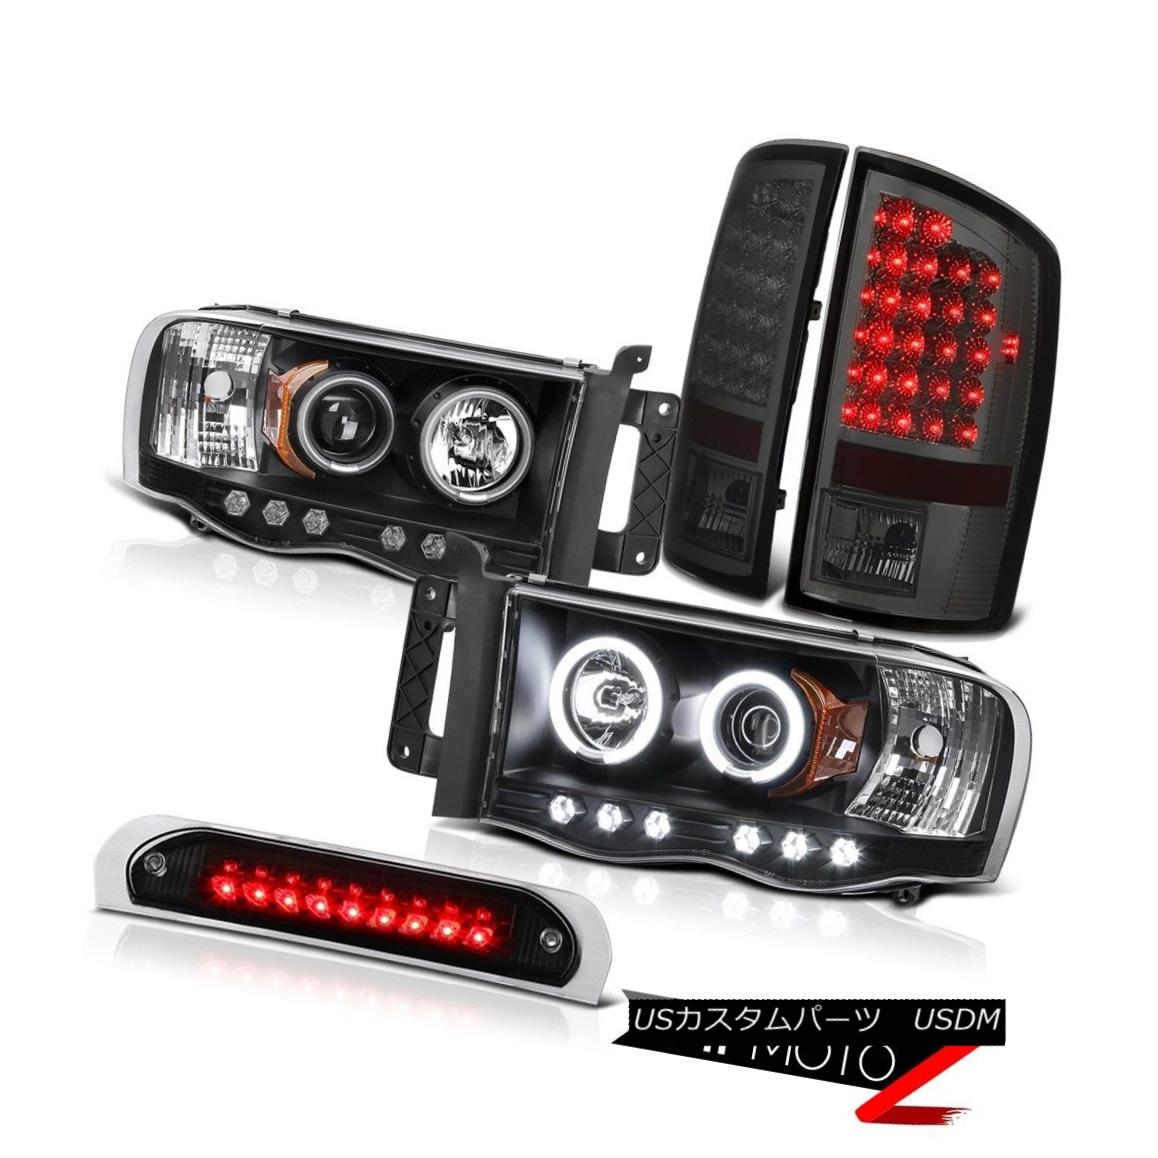 テールライト Black CCFL Rim Headlights Signal Tail Lights High Stop LED 02-05 Ram TurboDiesel ブラックCCFLリムヘッドライト信号テールライトハイストップLED 02-05 Ram TurboDiesel